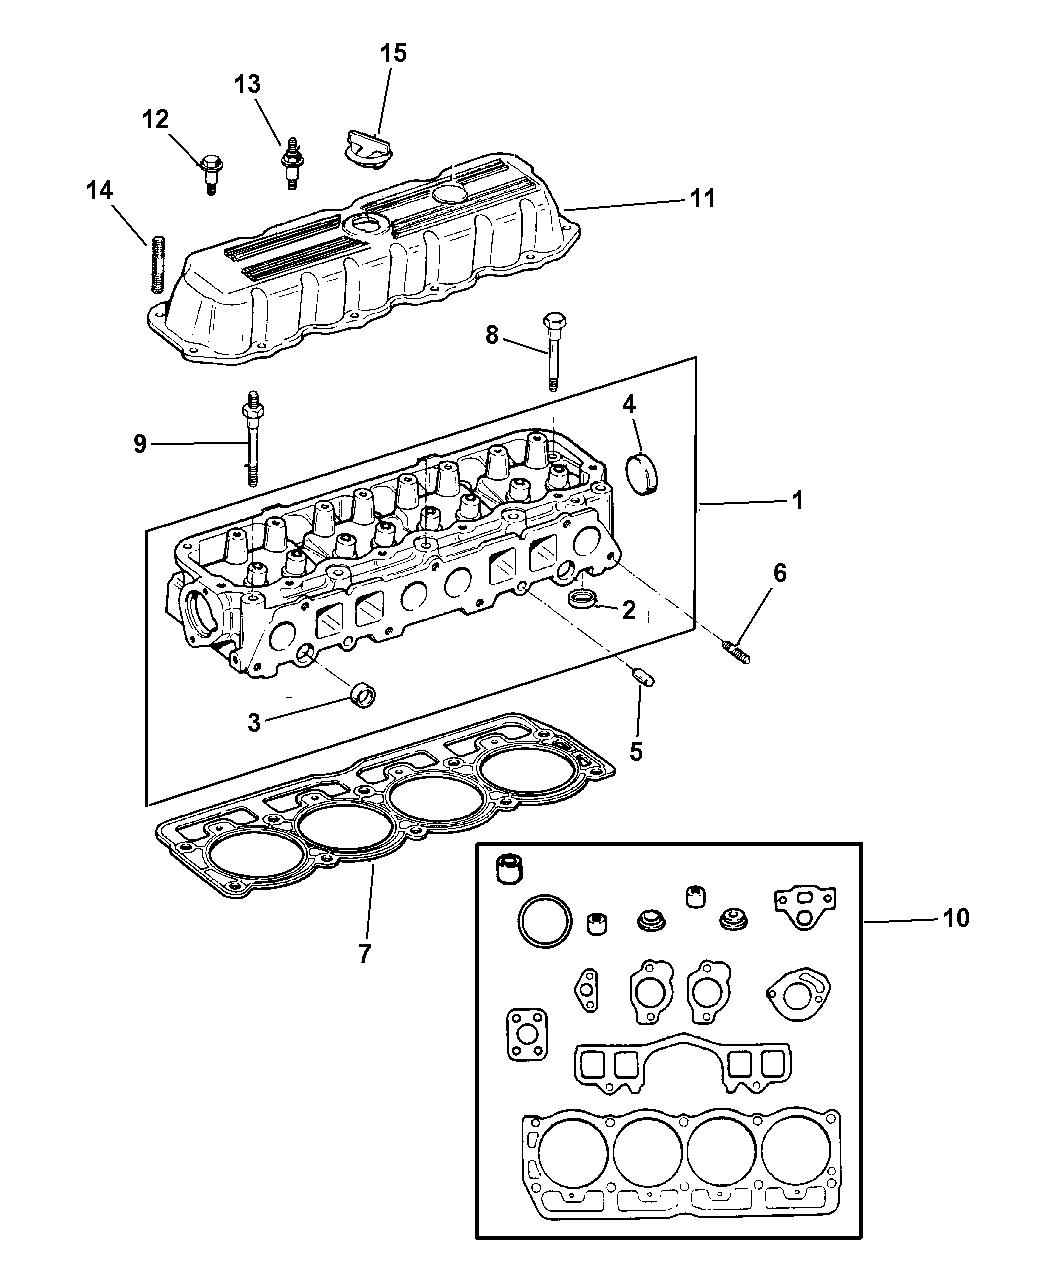 1997 Jeep Cherokee Cylinder Head - Thumbnail 1